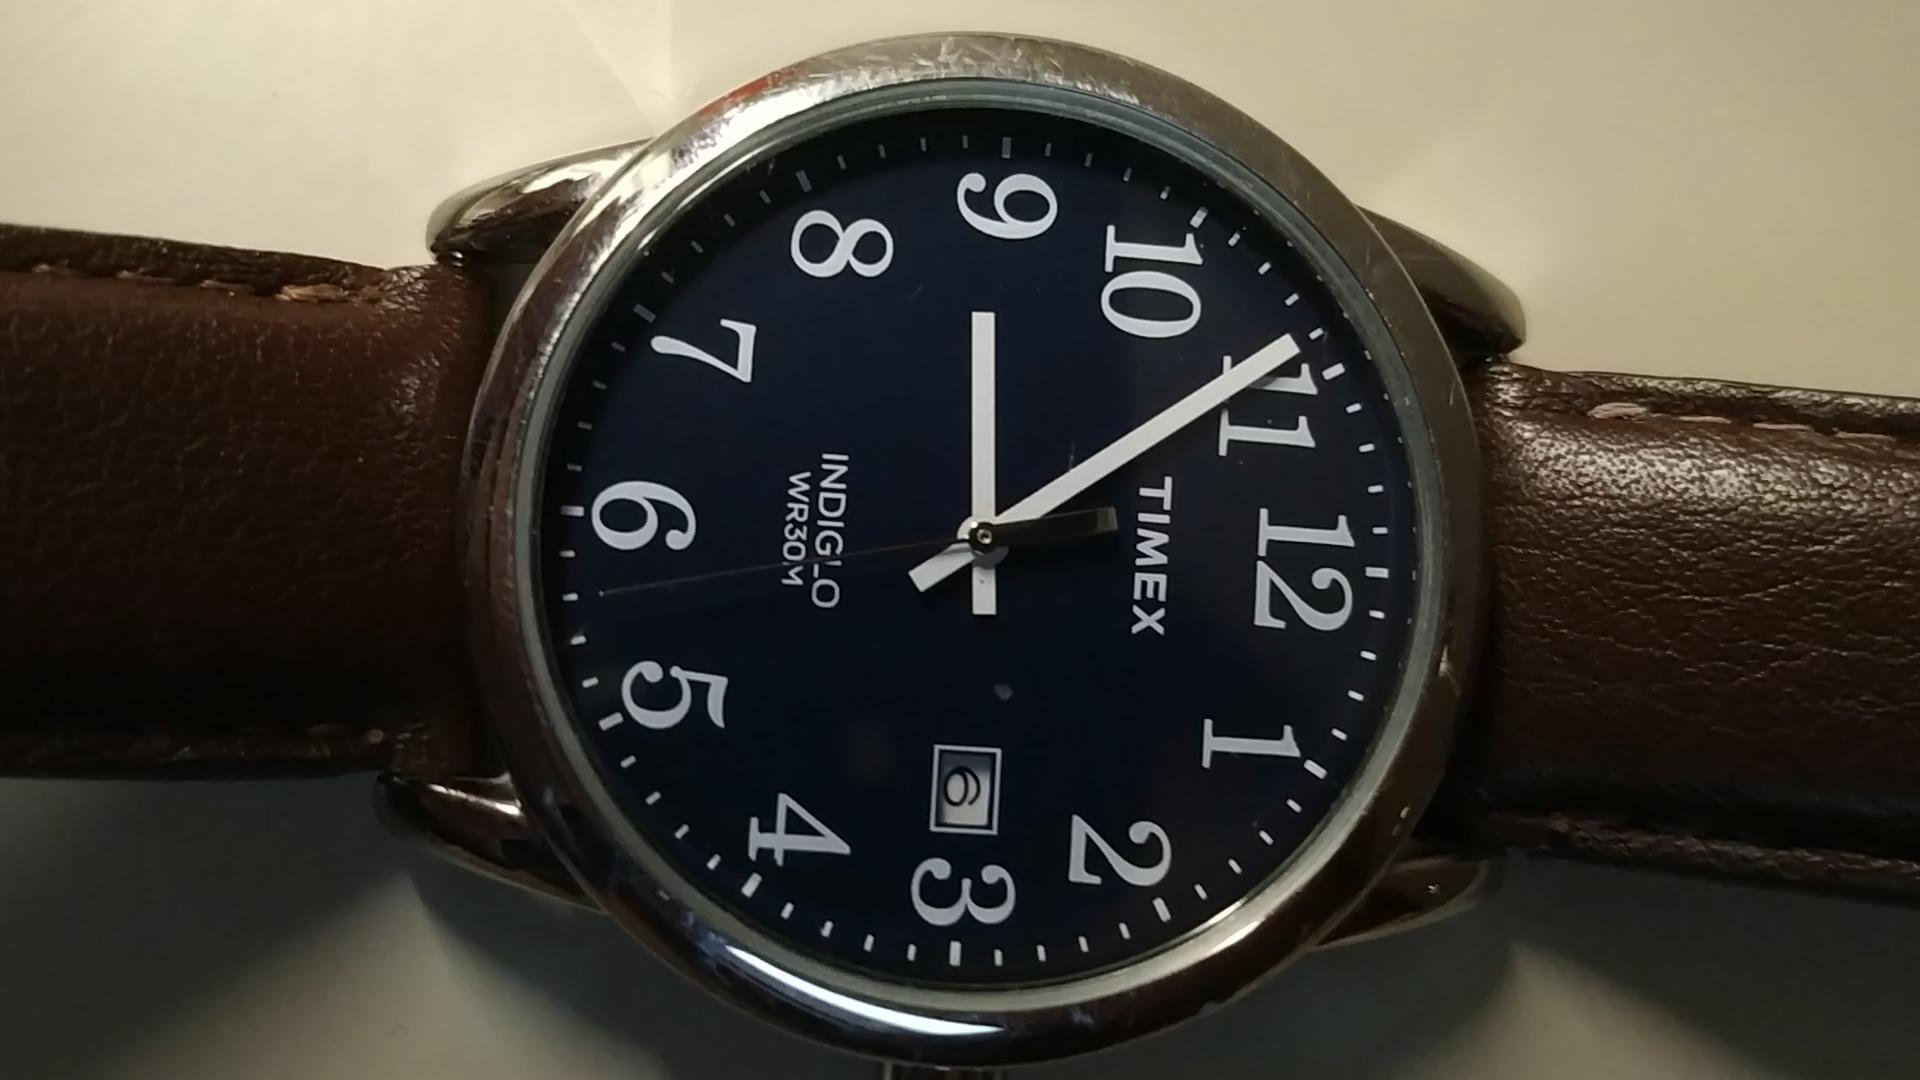 Trevi sld orologio digitale con sveglia con grande display